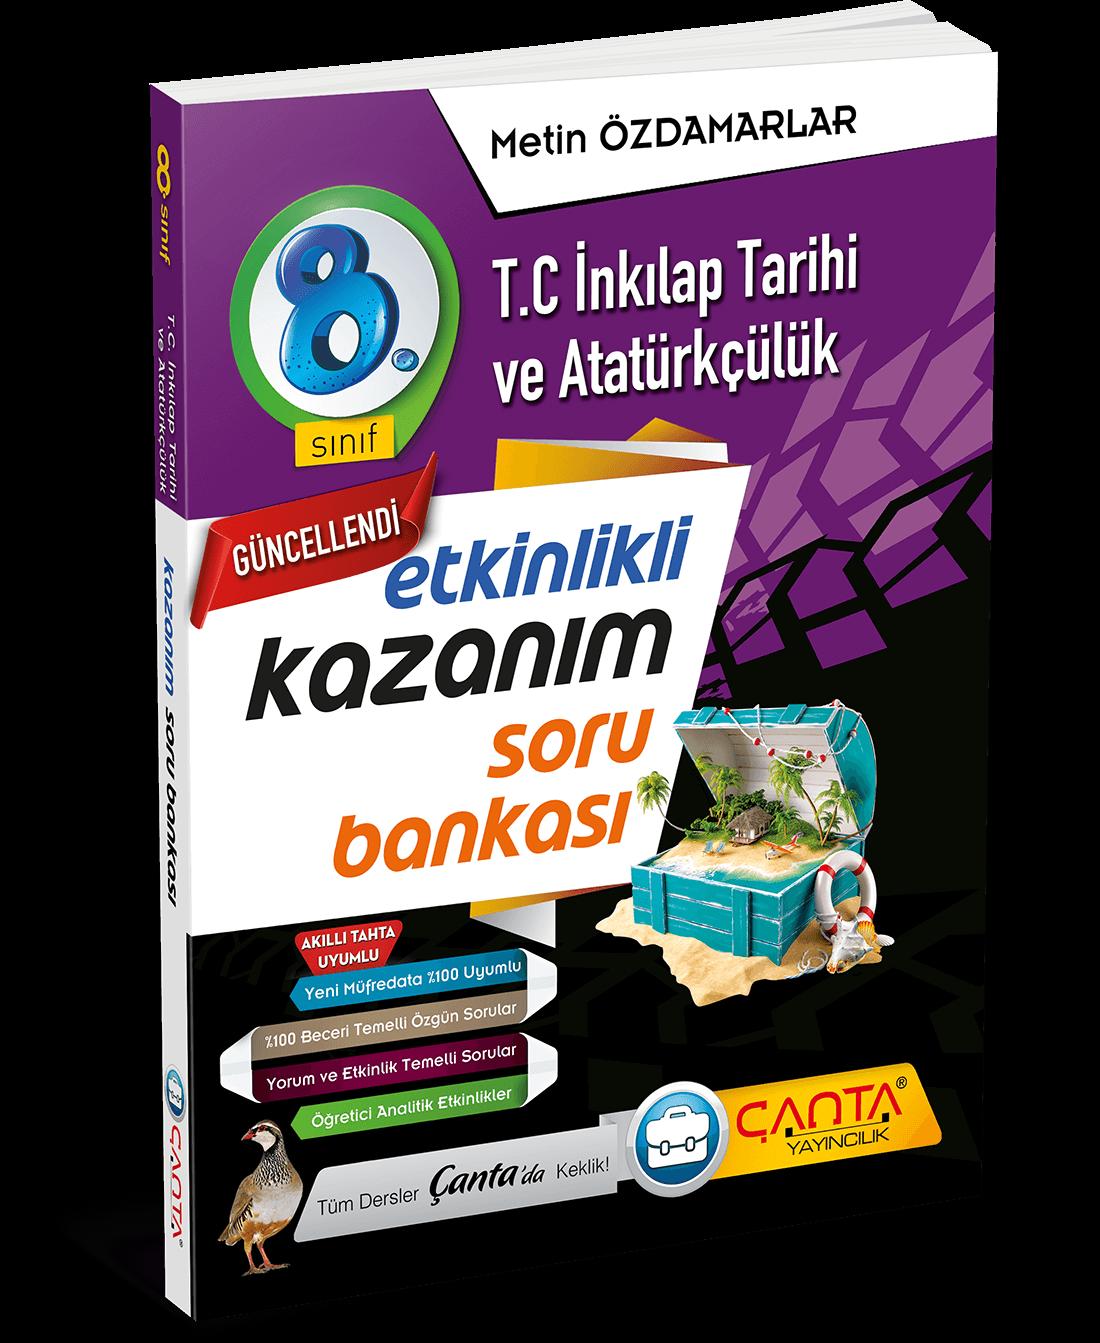 8. Sınıf – T.C İnkılap Tarihi ve Atatürkçülük Etkinlikli Kazanım Soru Bankası